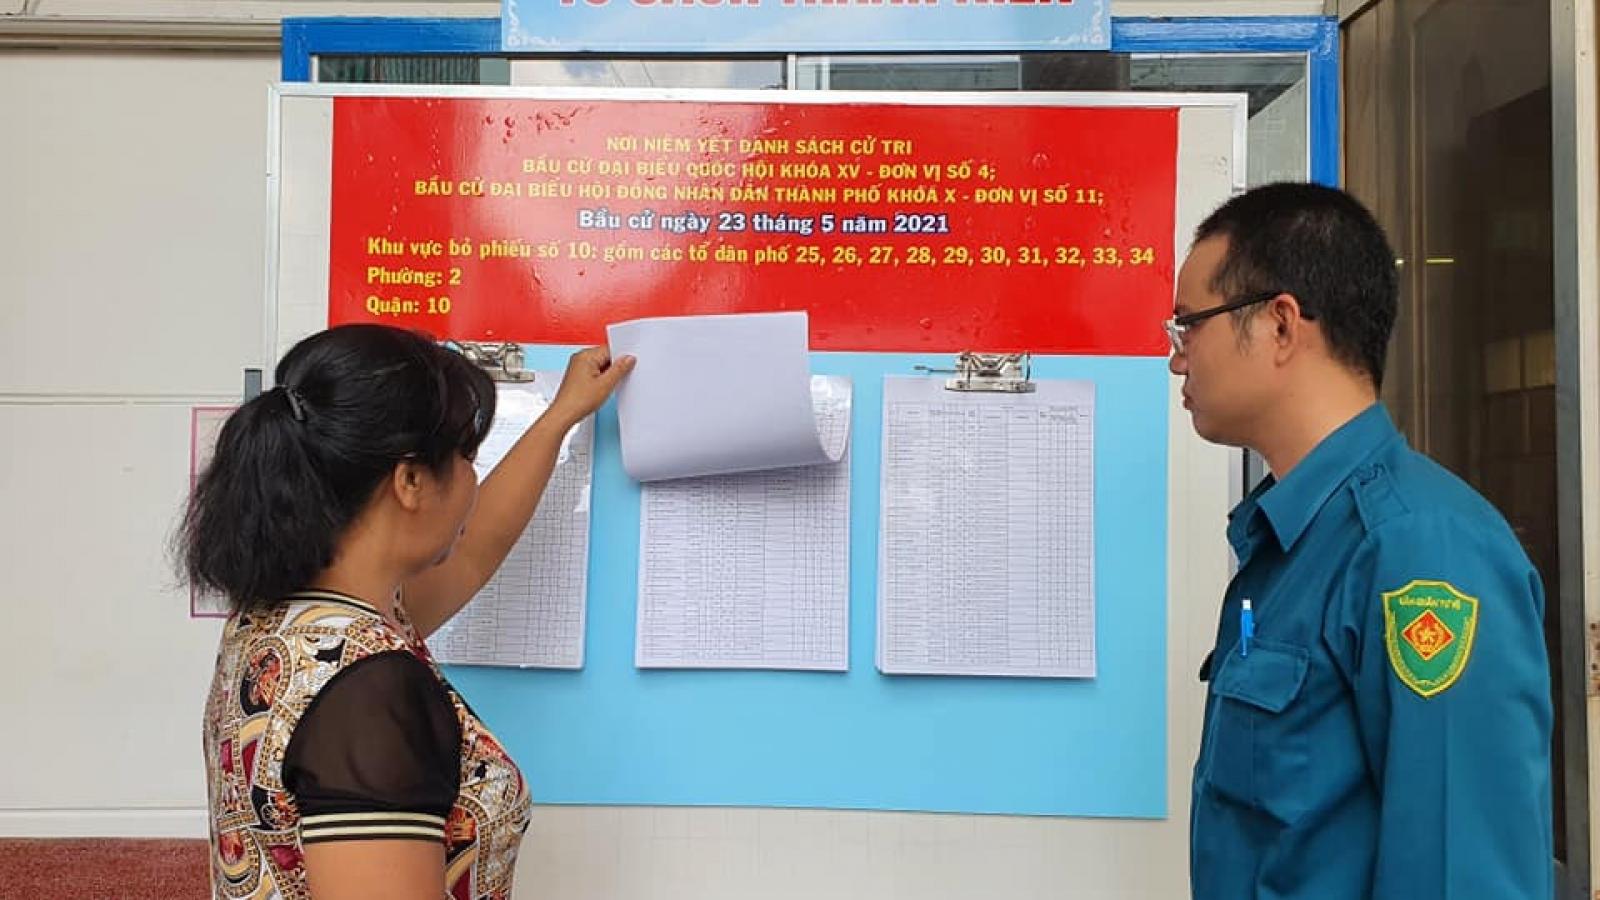 Kế hoạch ứng phó với dịch Covid-19 tại các điểm bỏ phiếu ở TPHCM